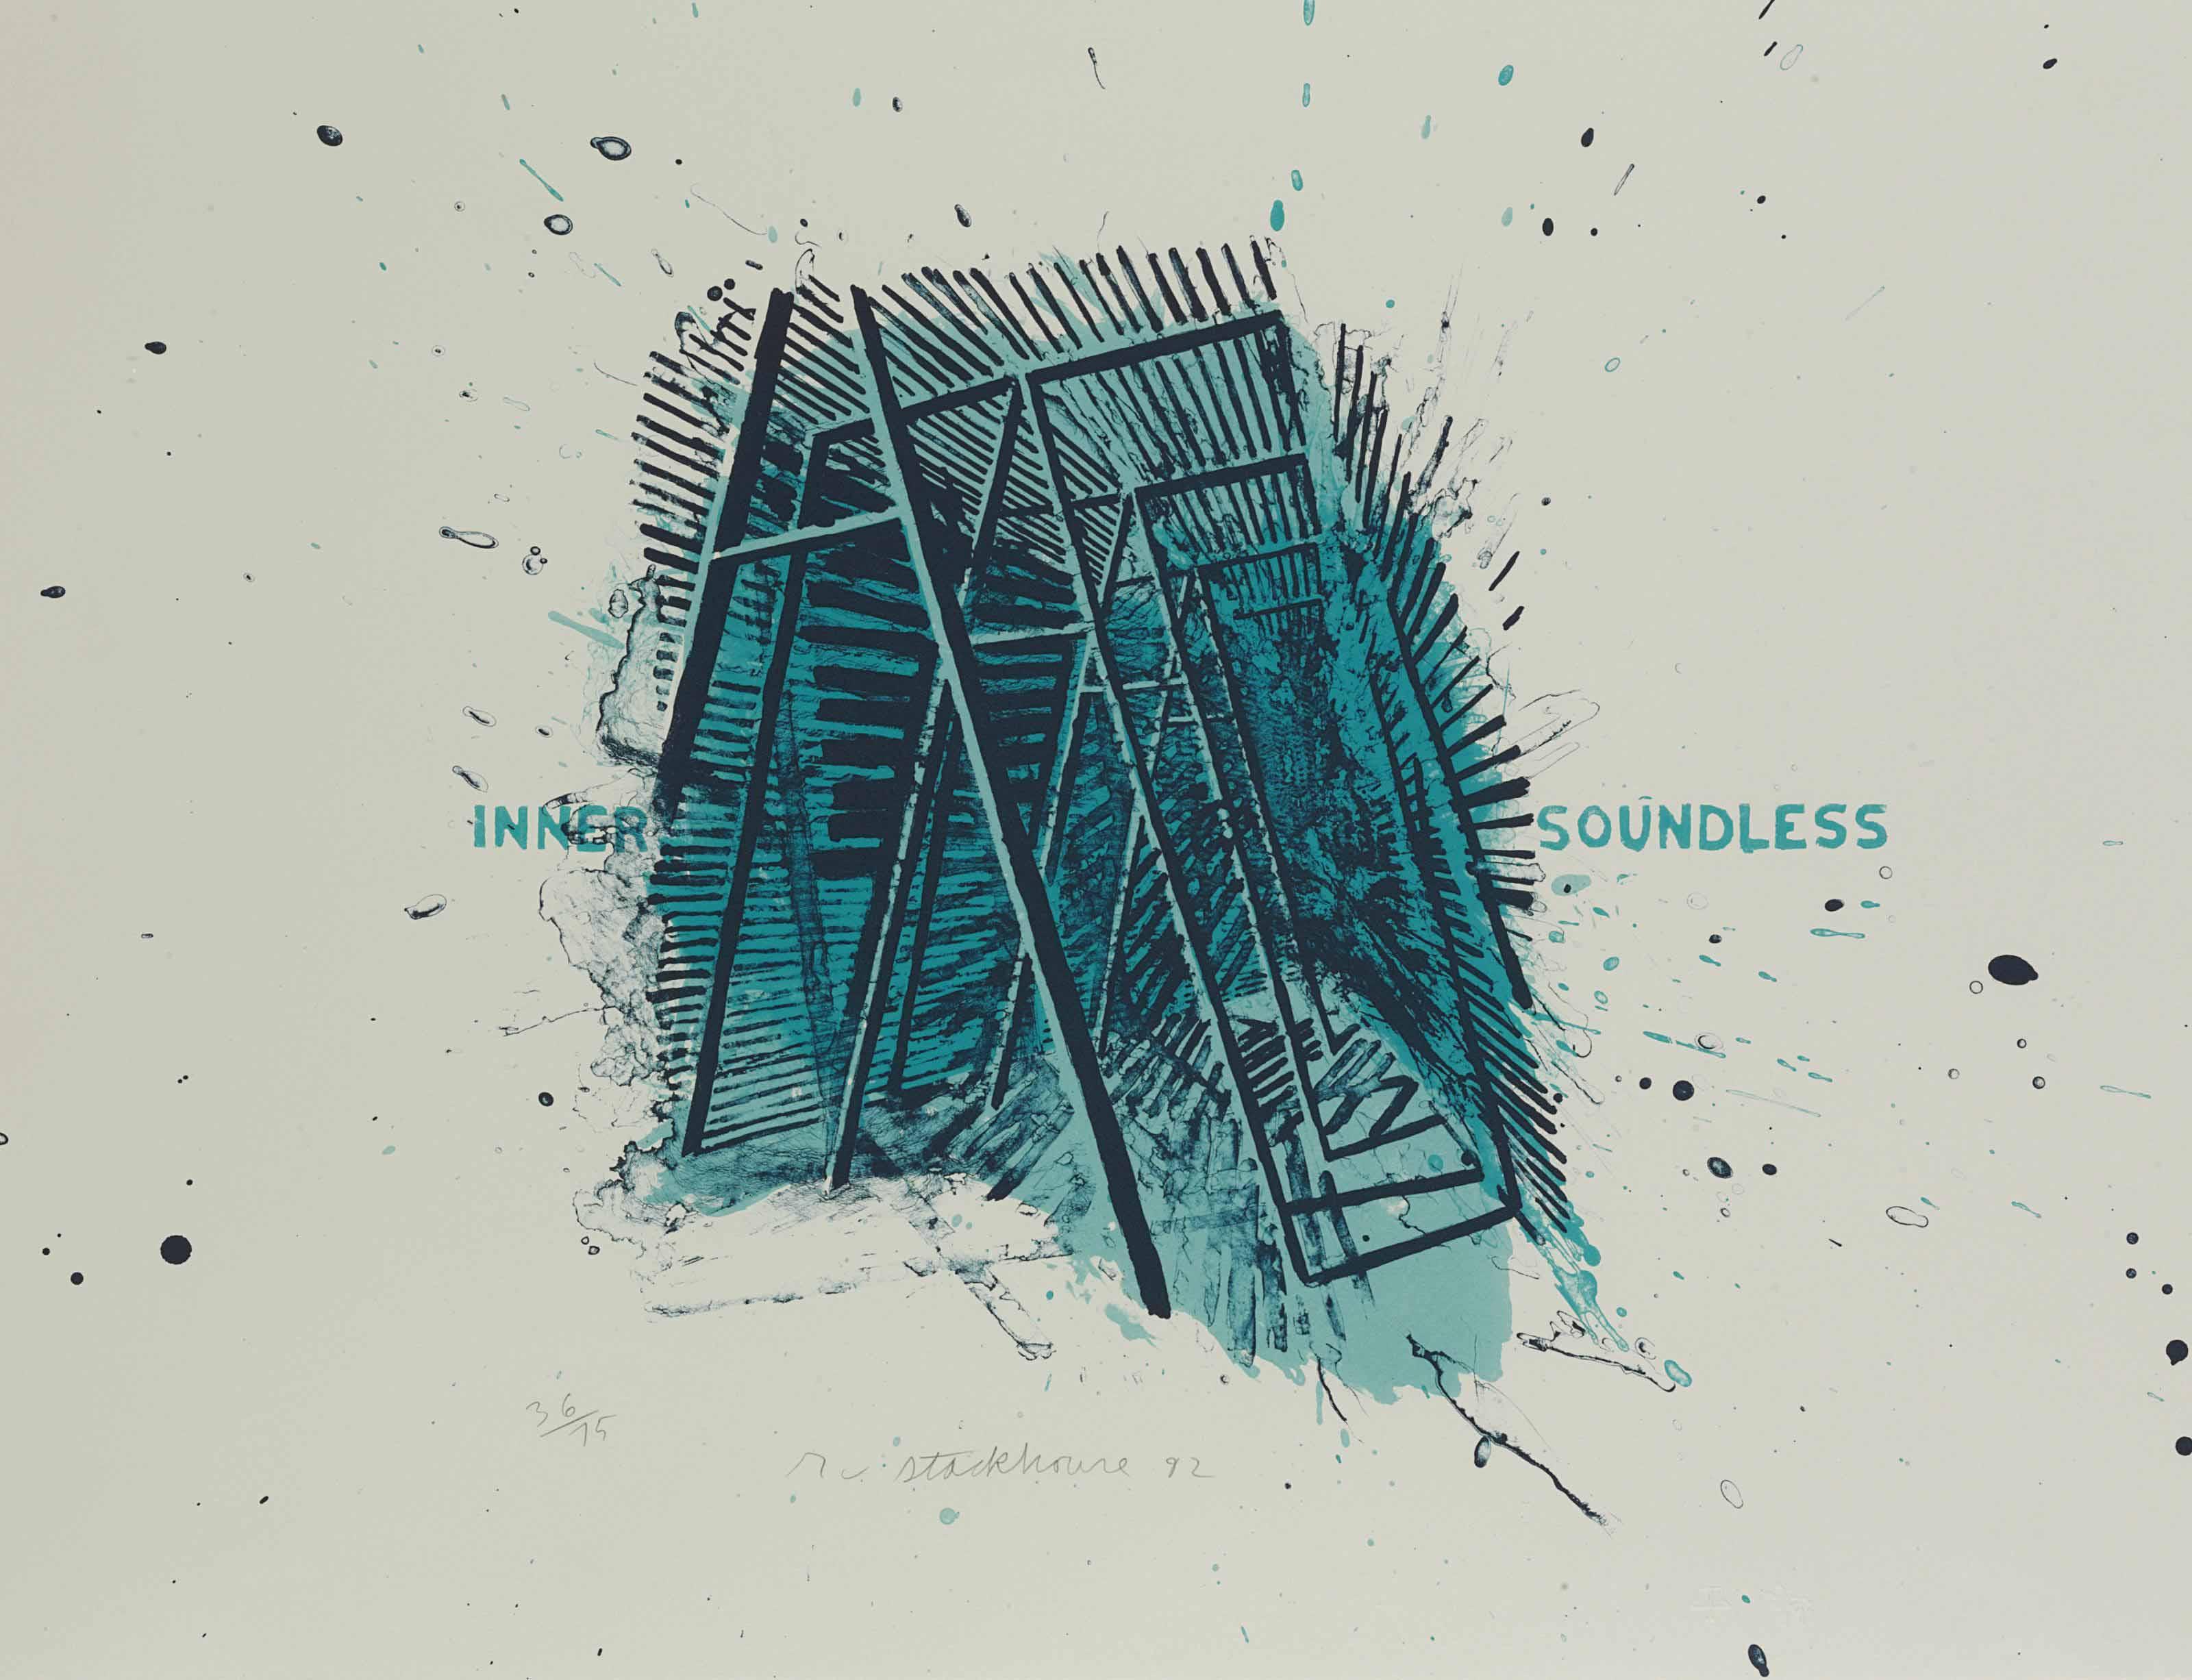 Inner Soundless